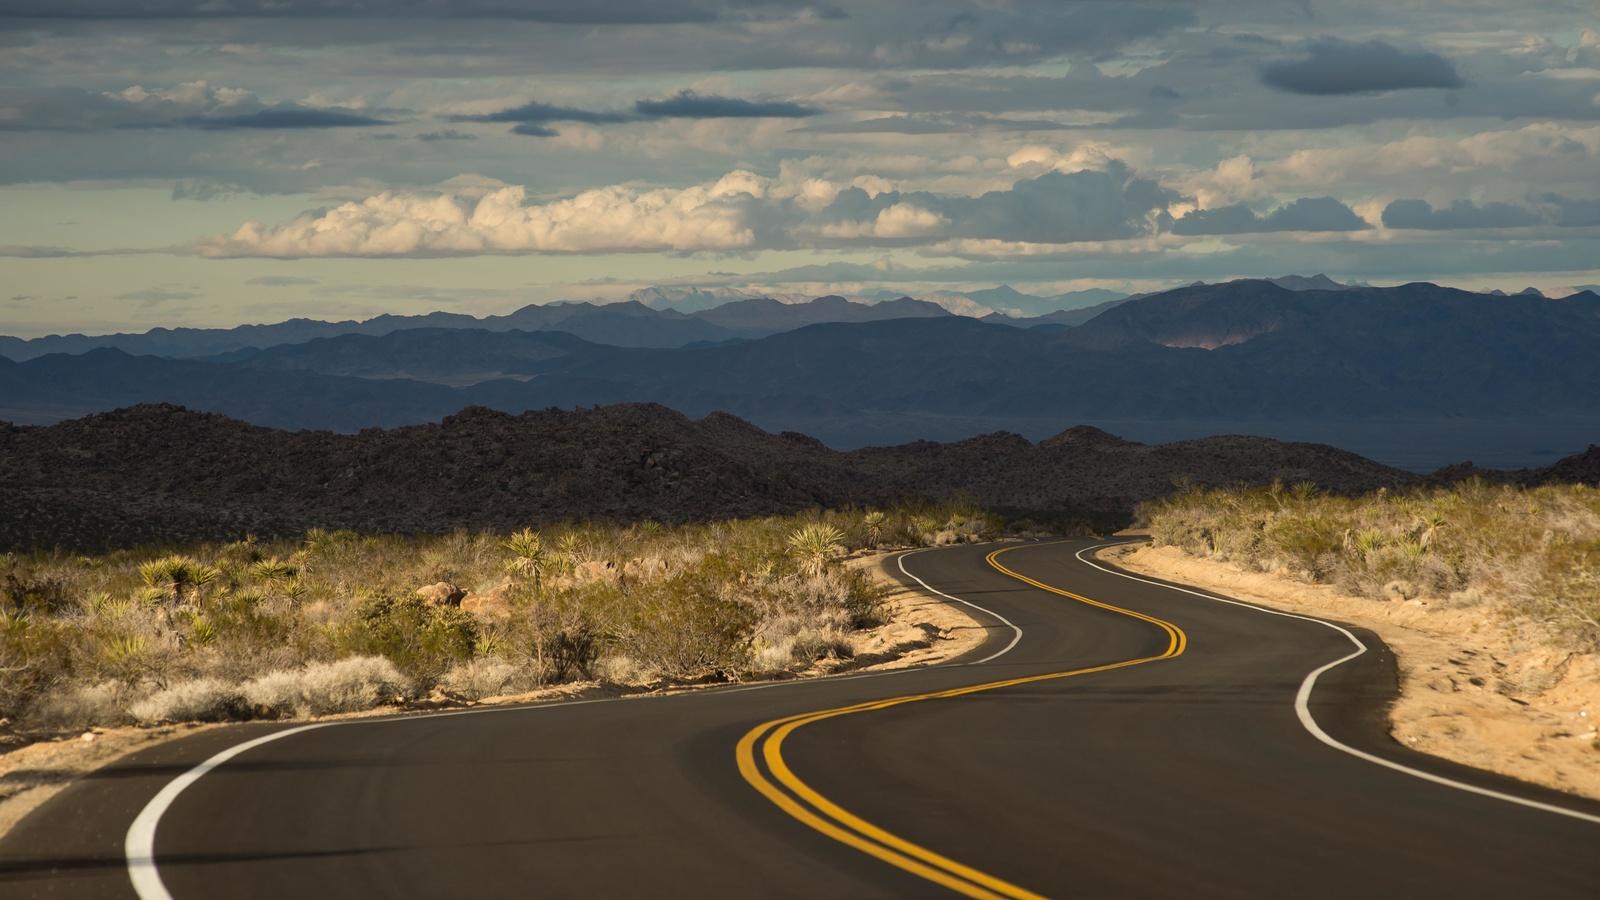 дорога, разметка, холмы, извилистые